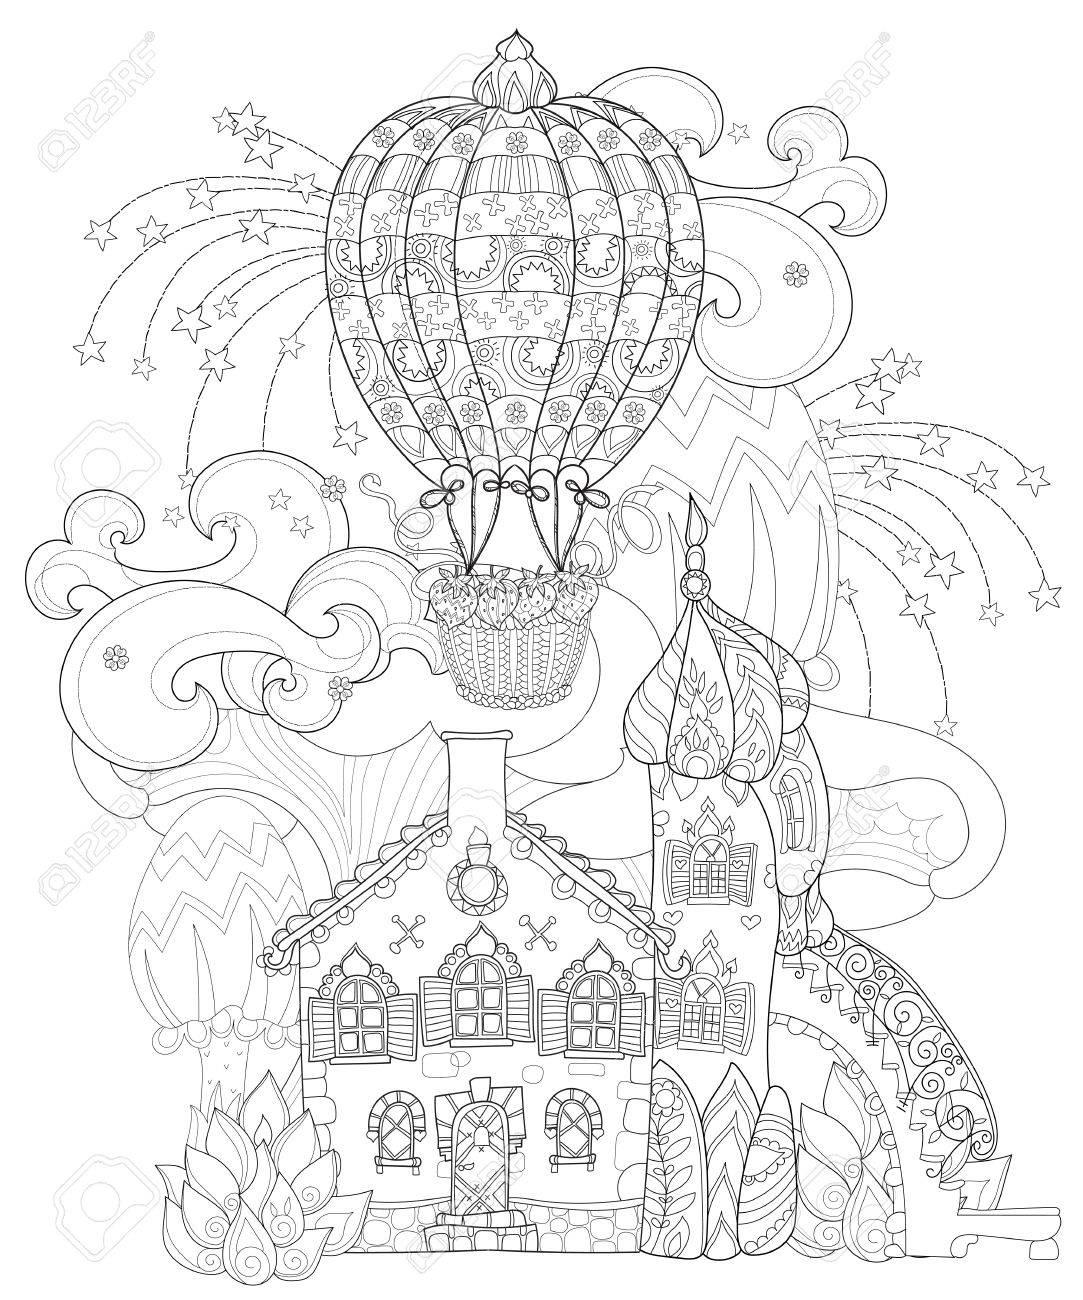 Vettoriale Carino Fiaba Citta Doodle Con Funghi E Palloncino Bozzetto Per Cartolina O Di Stampa O Libro Da Colorare Per Adulti Image 54570633